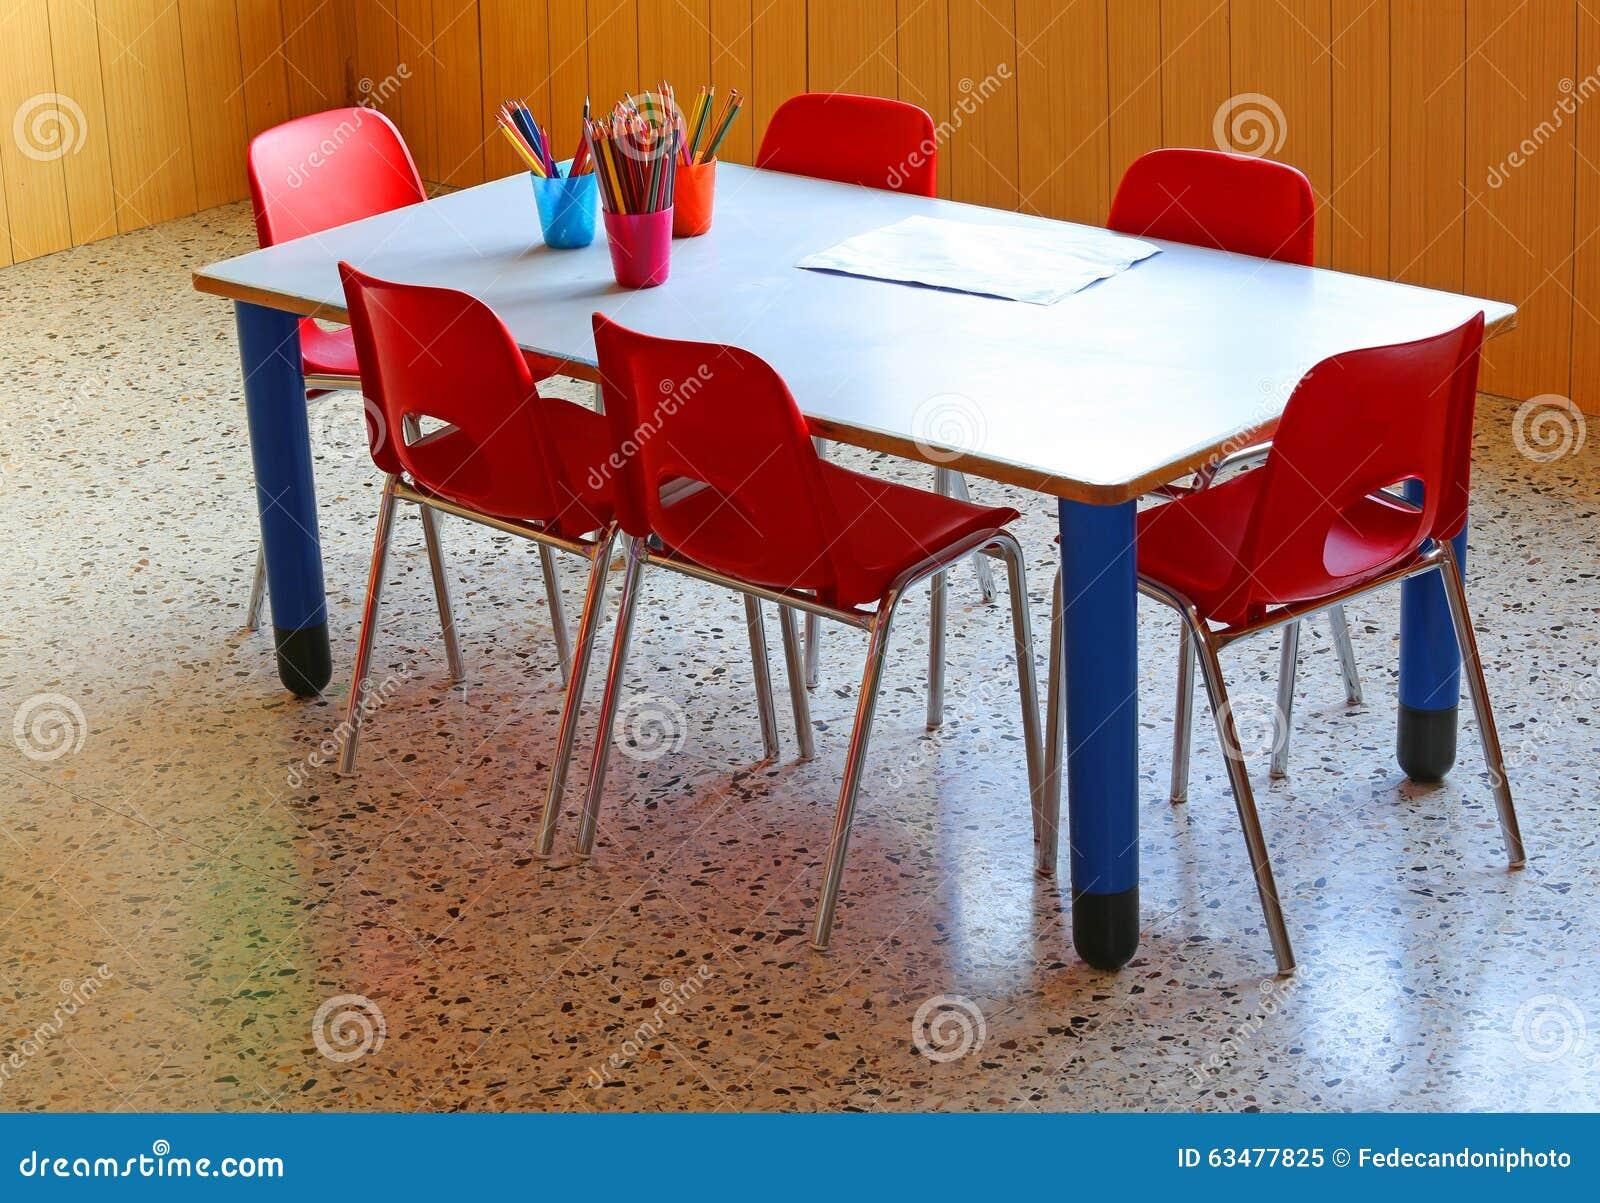 Groovy Small School Desk With Yellow Chairs In A Kindergarten Stock Inzonedesignstudio Interior Chair Design Inzonedesignstudiocom